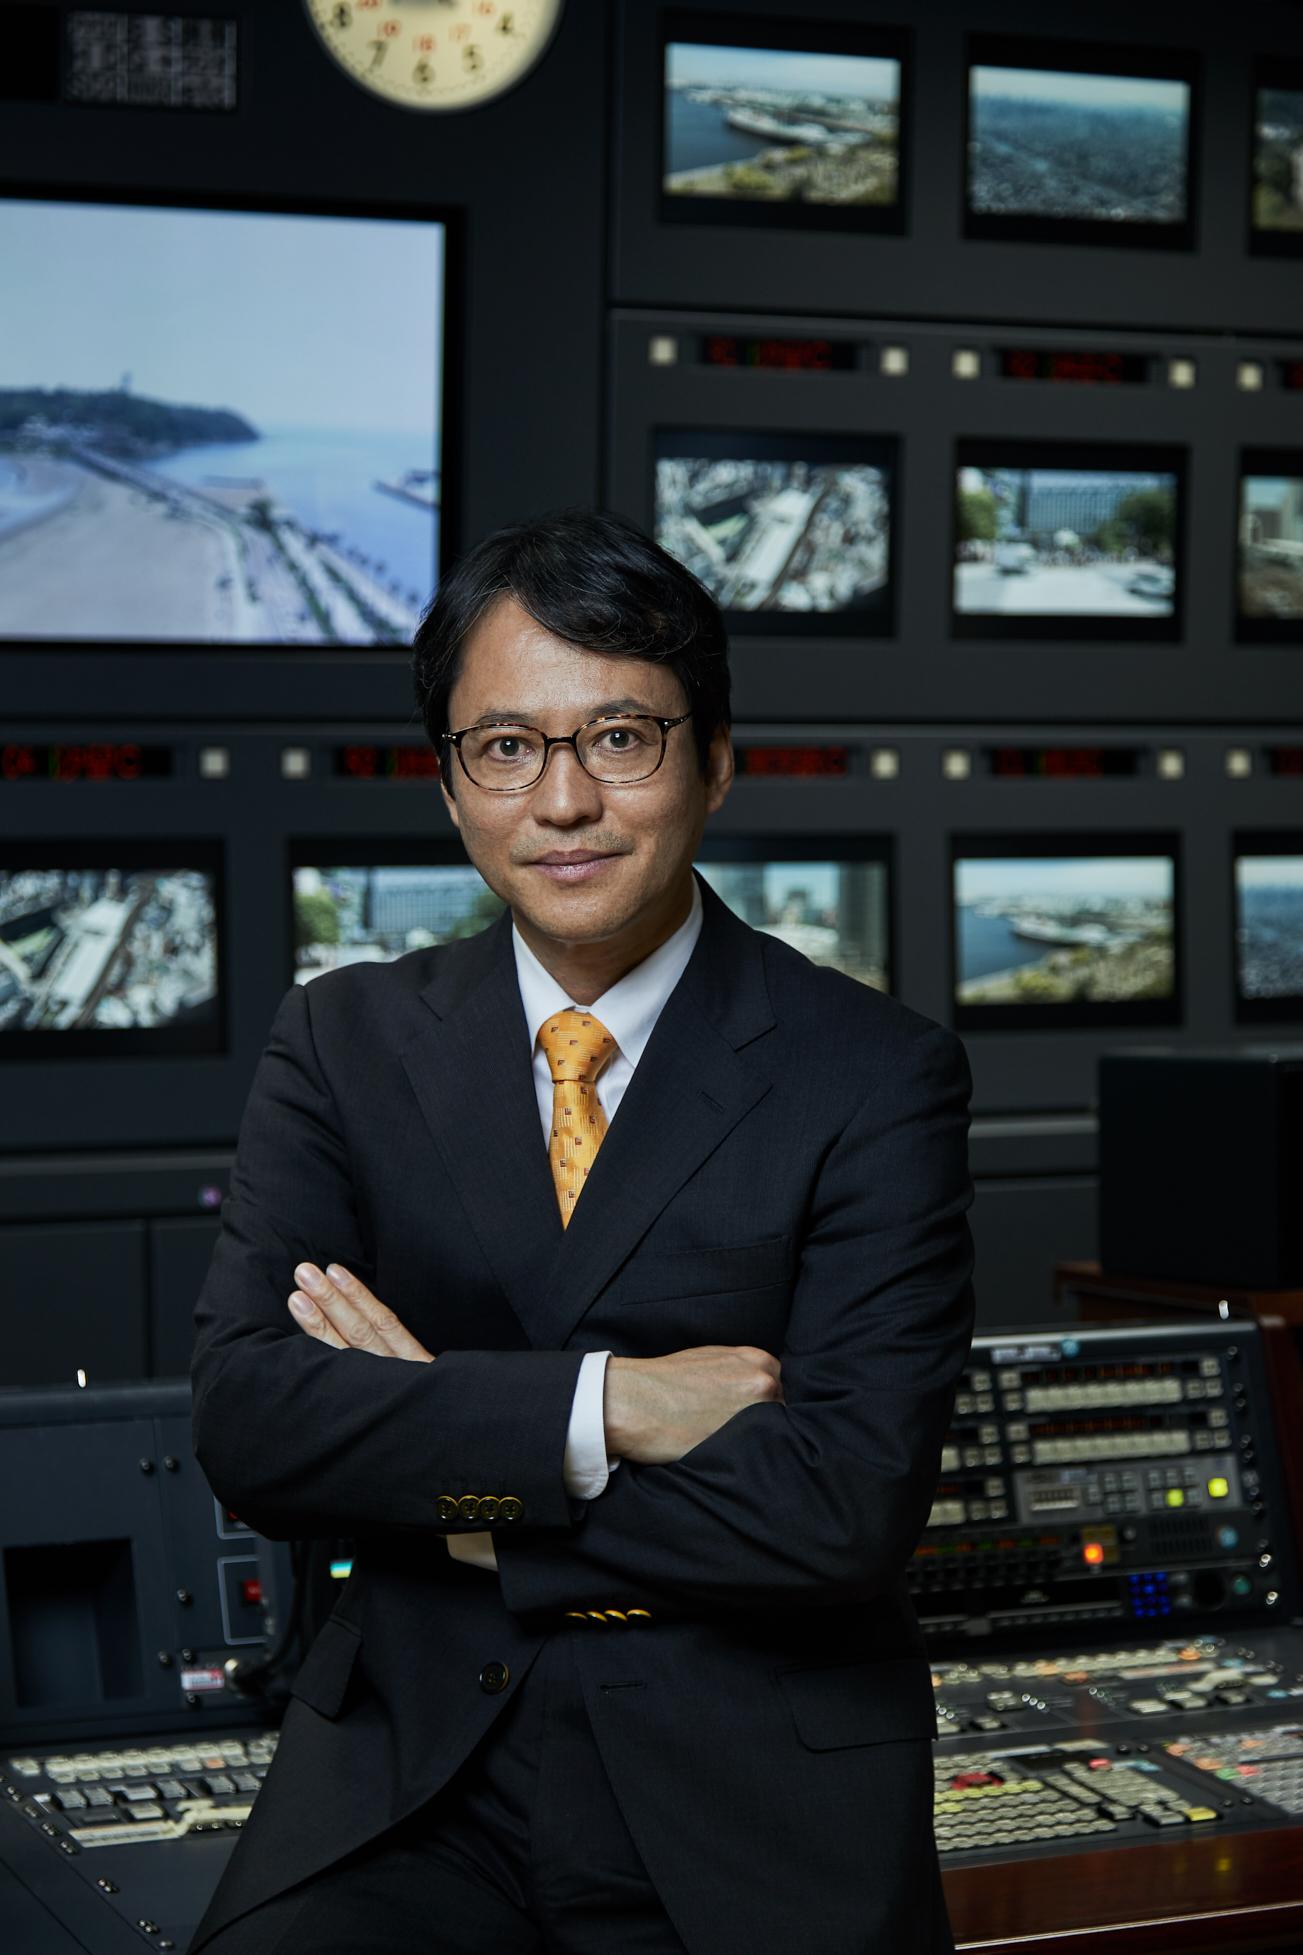 Atsushi Sogo ประธานฝ่ายการพัฒนาธุรกิจระหว่างประเทศ